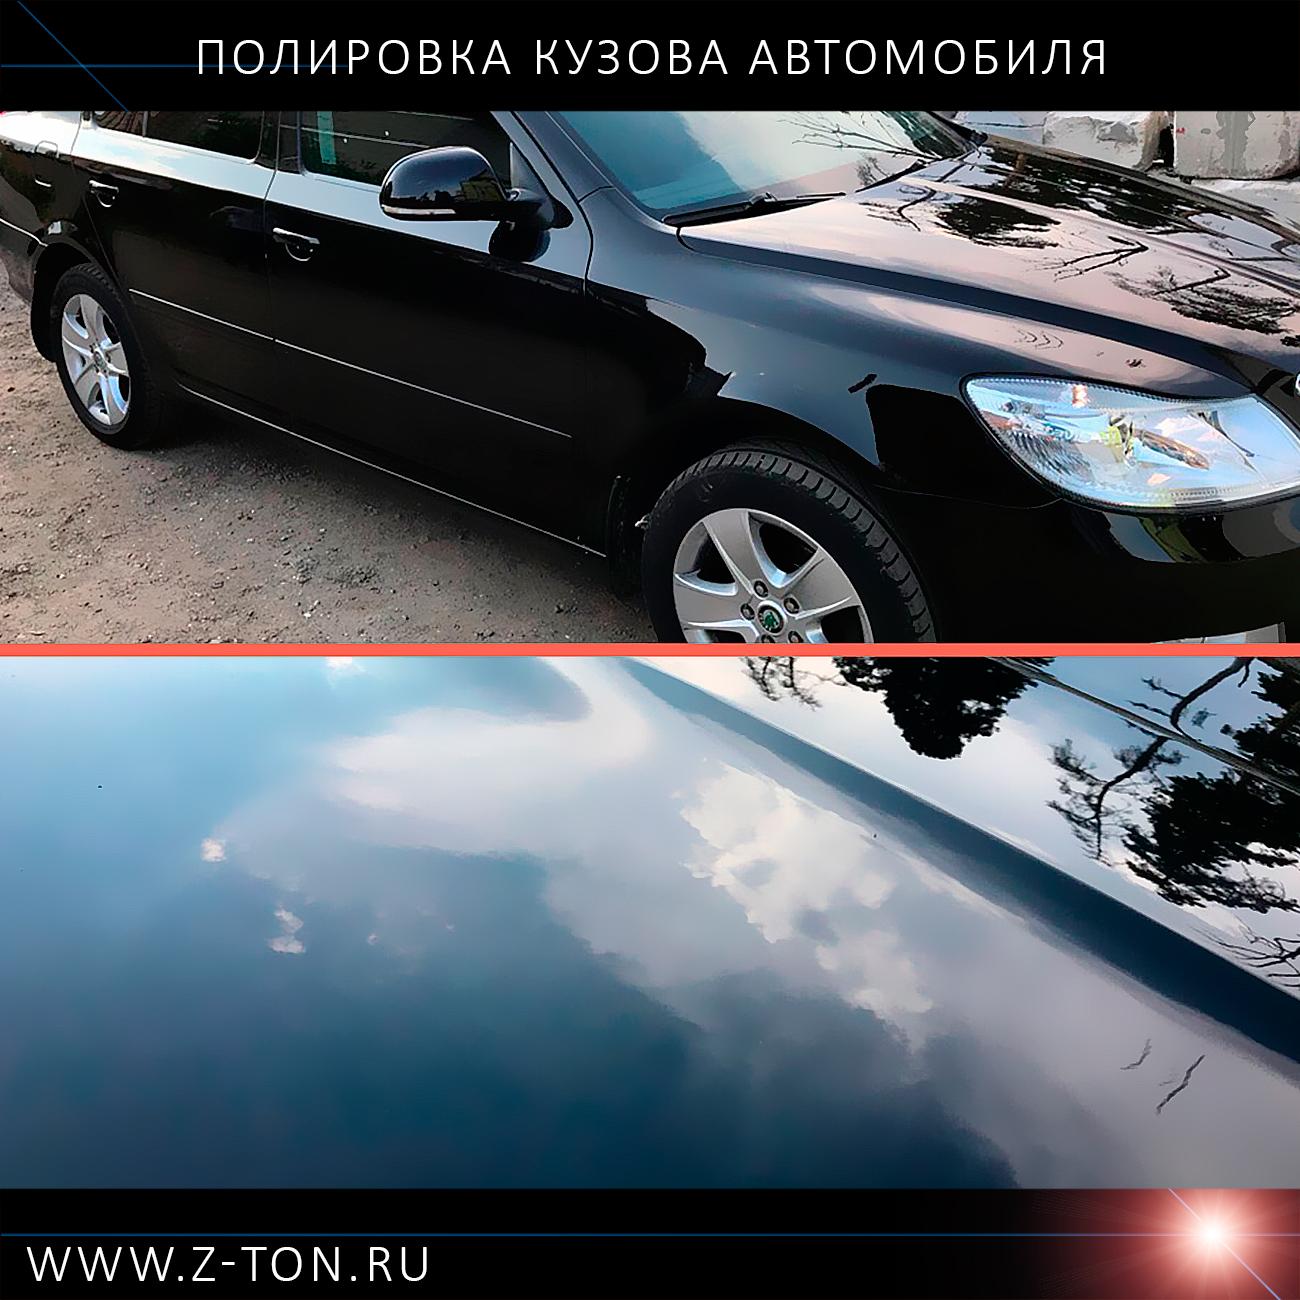 Полировка кузова автомобиля в Зеленограде